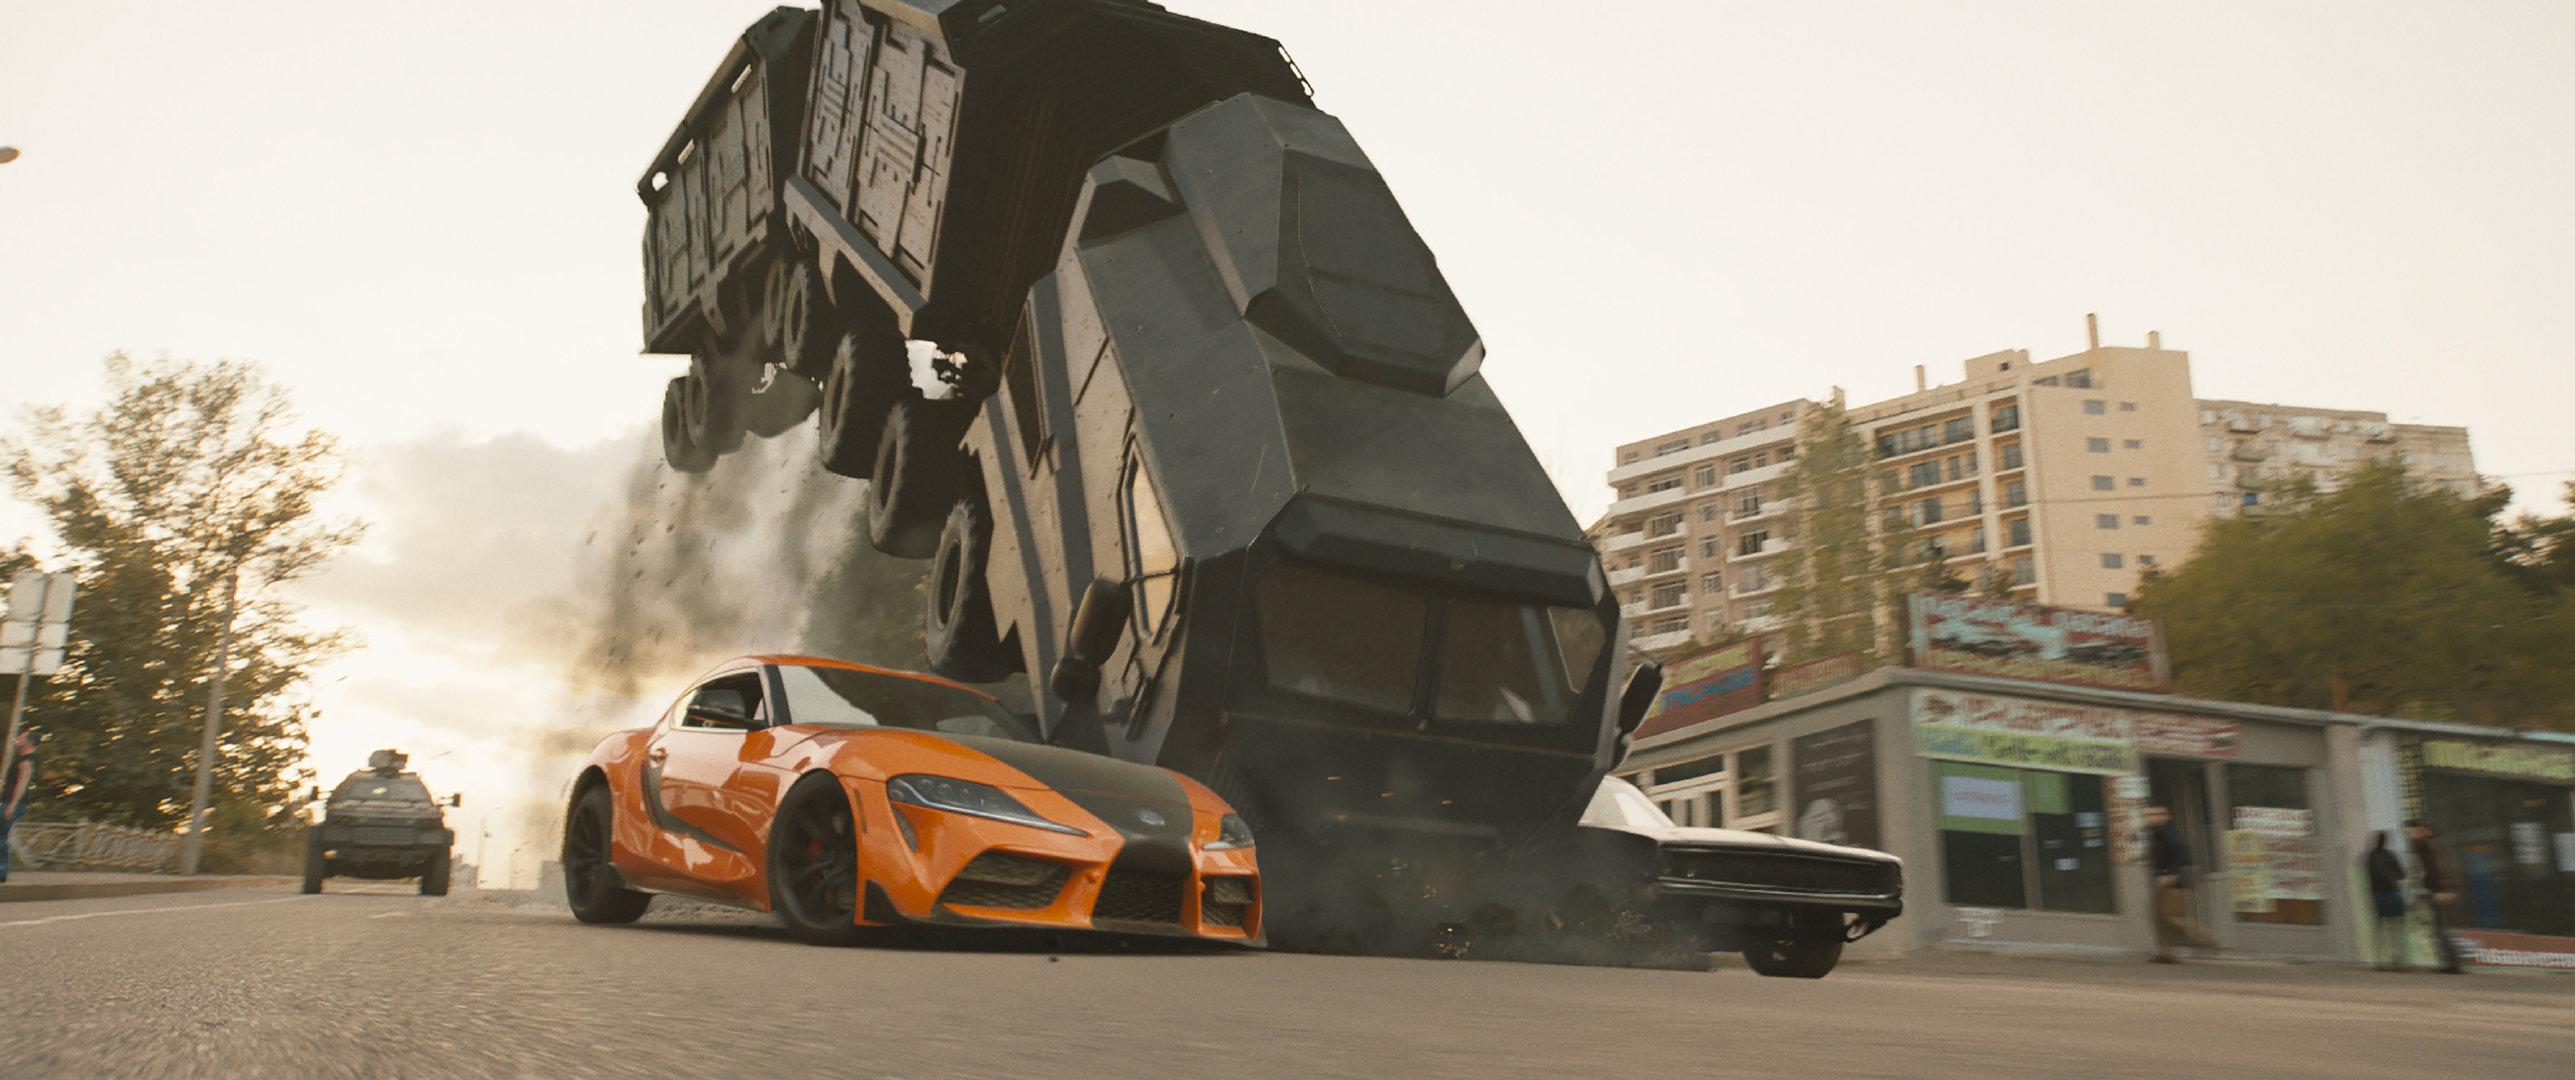 《速度与激情9》高清上线,《速度与激情》全十集合集下载-福利巴士